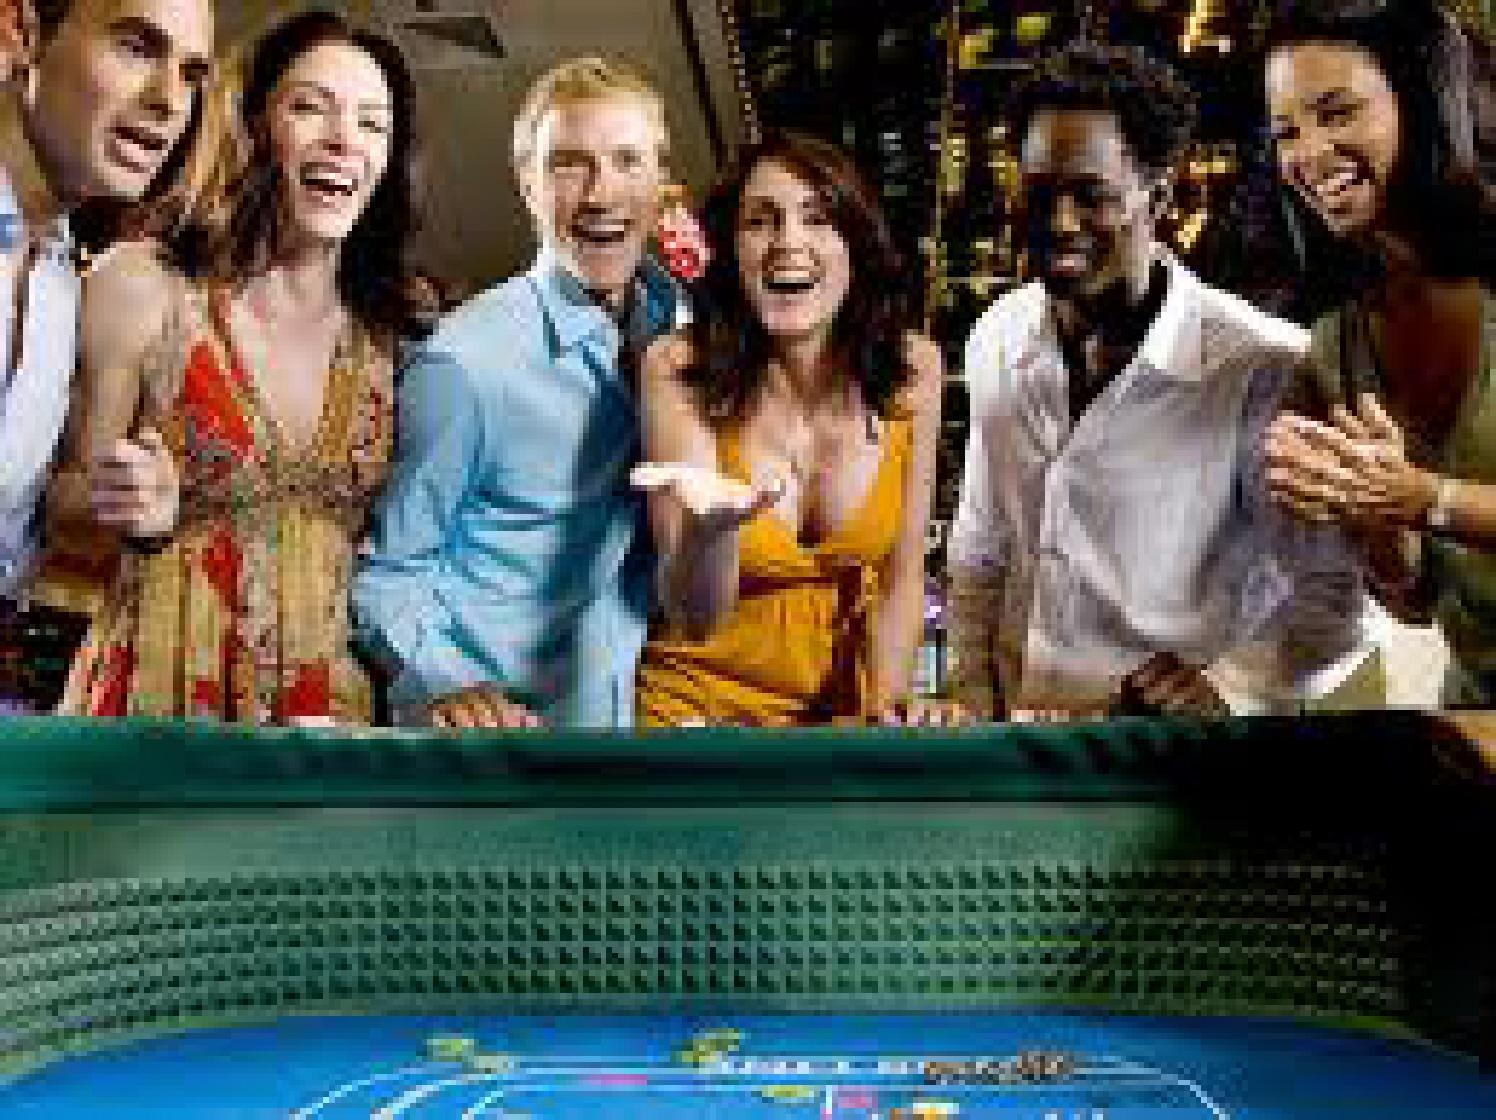 iwon bingo casino